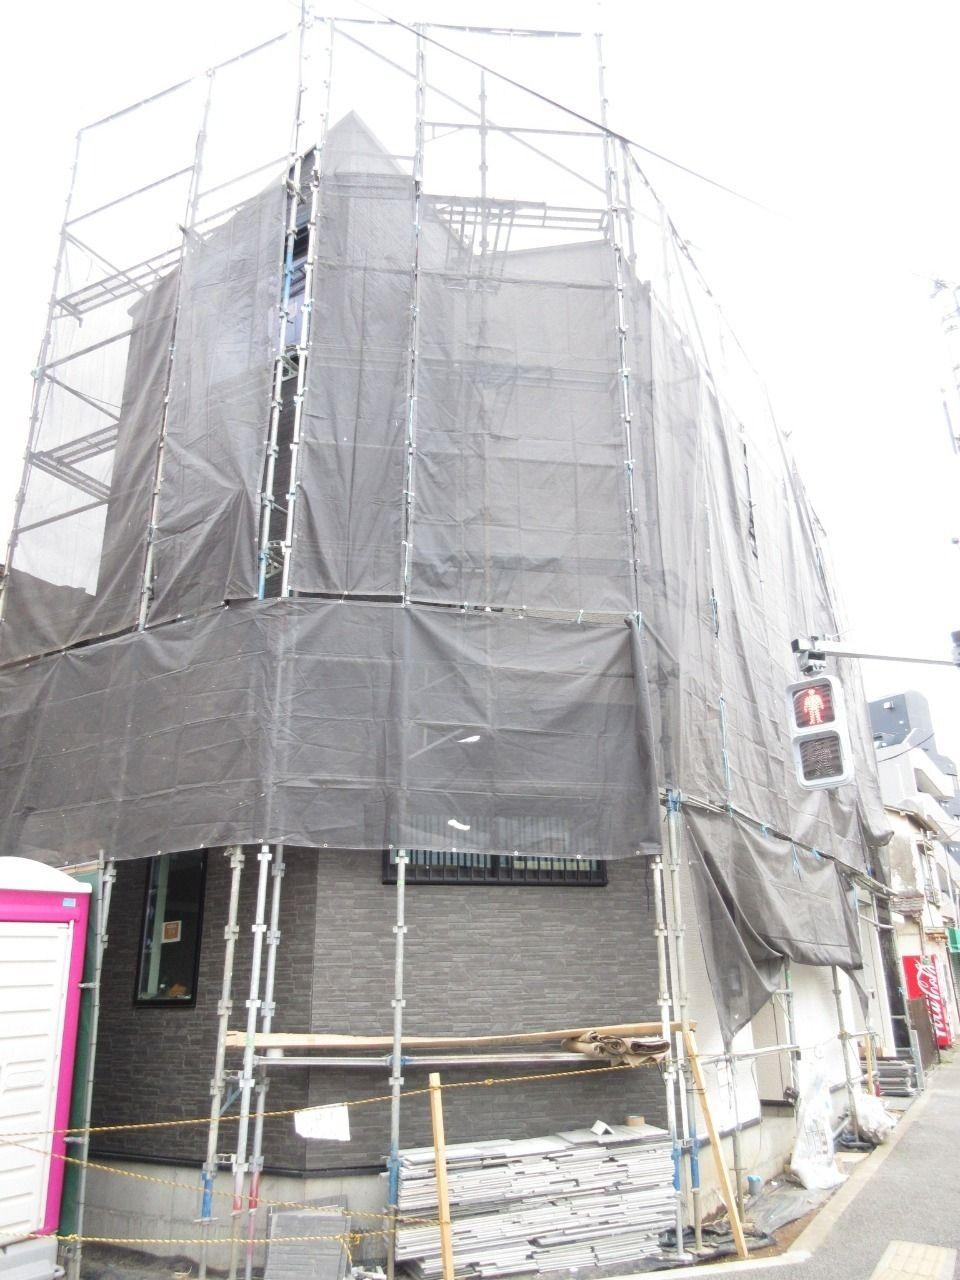 みなさまこんにちは。 徳丸3丁目の新築戸建現場の状況報告です。 ちょっと更新が遅くてなってしまい申し訳ございません。 外壁廻りの工事がかなり進みました。